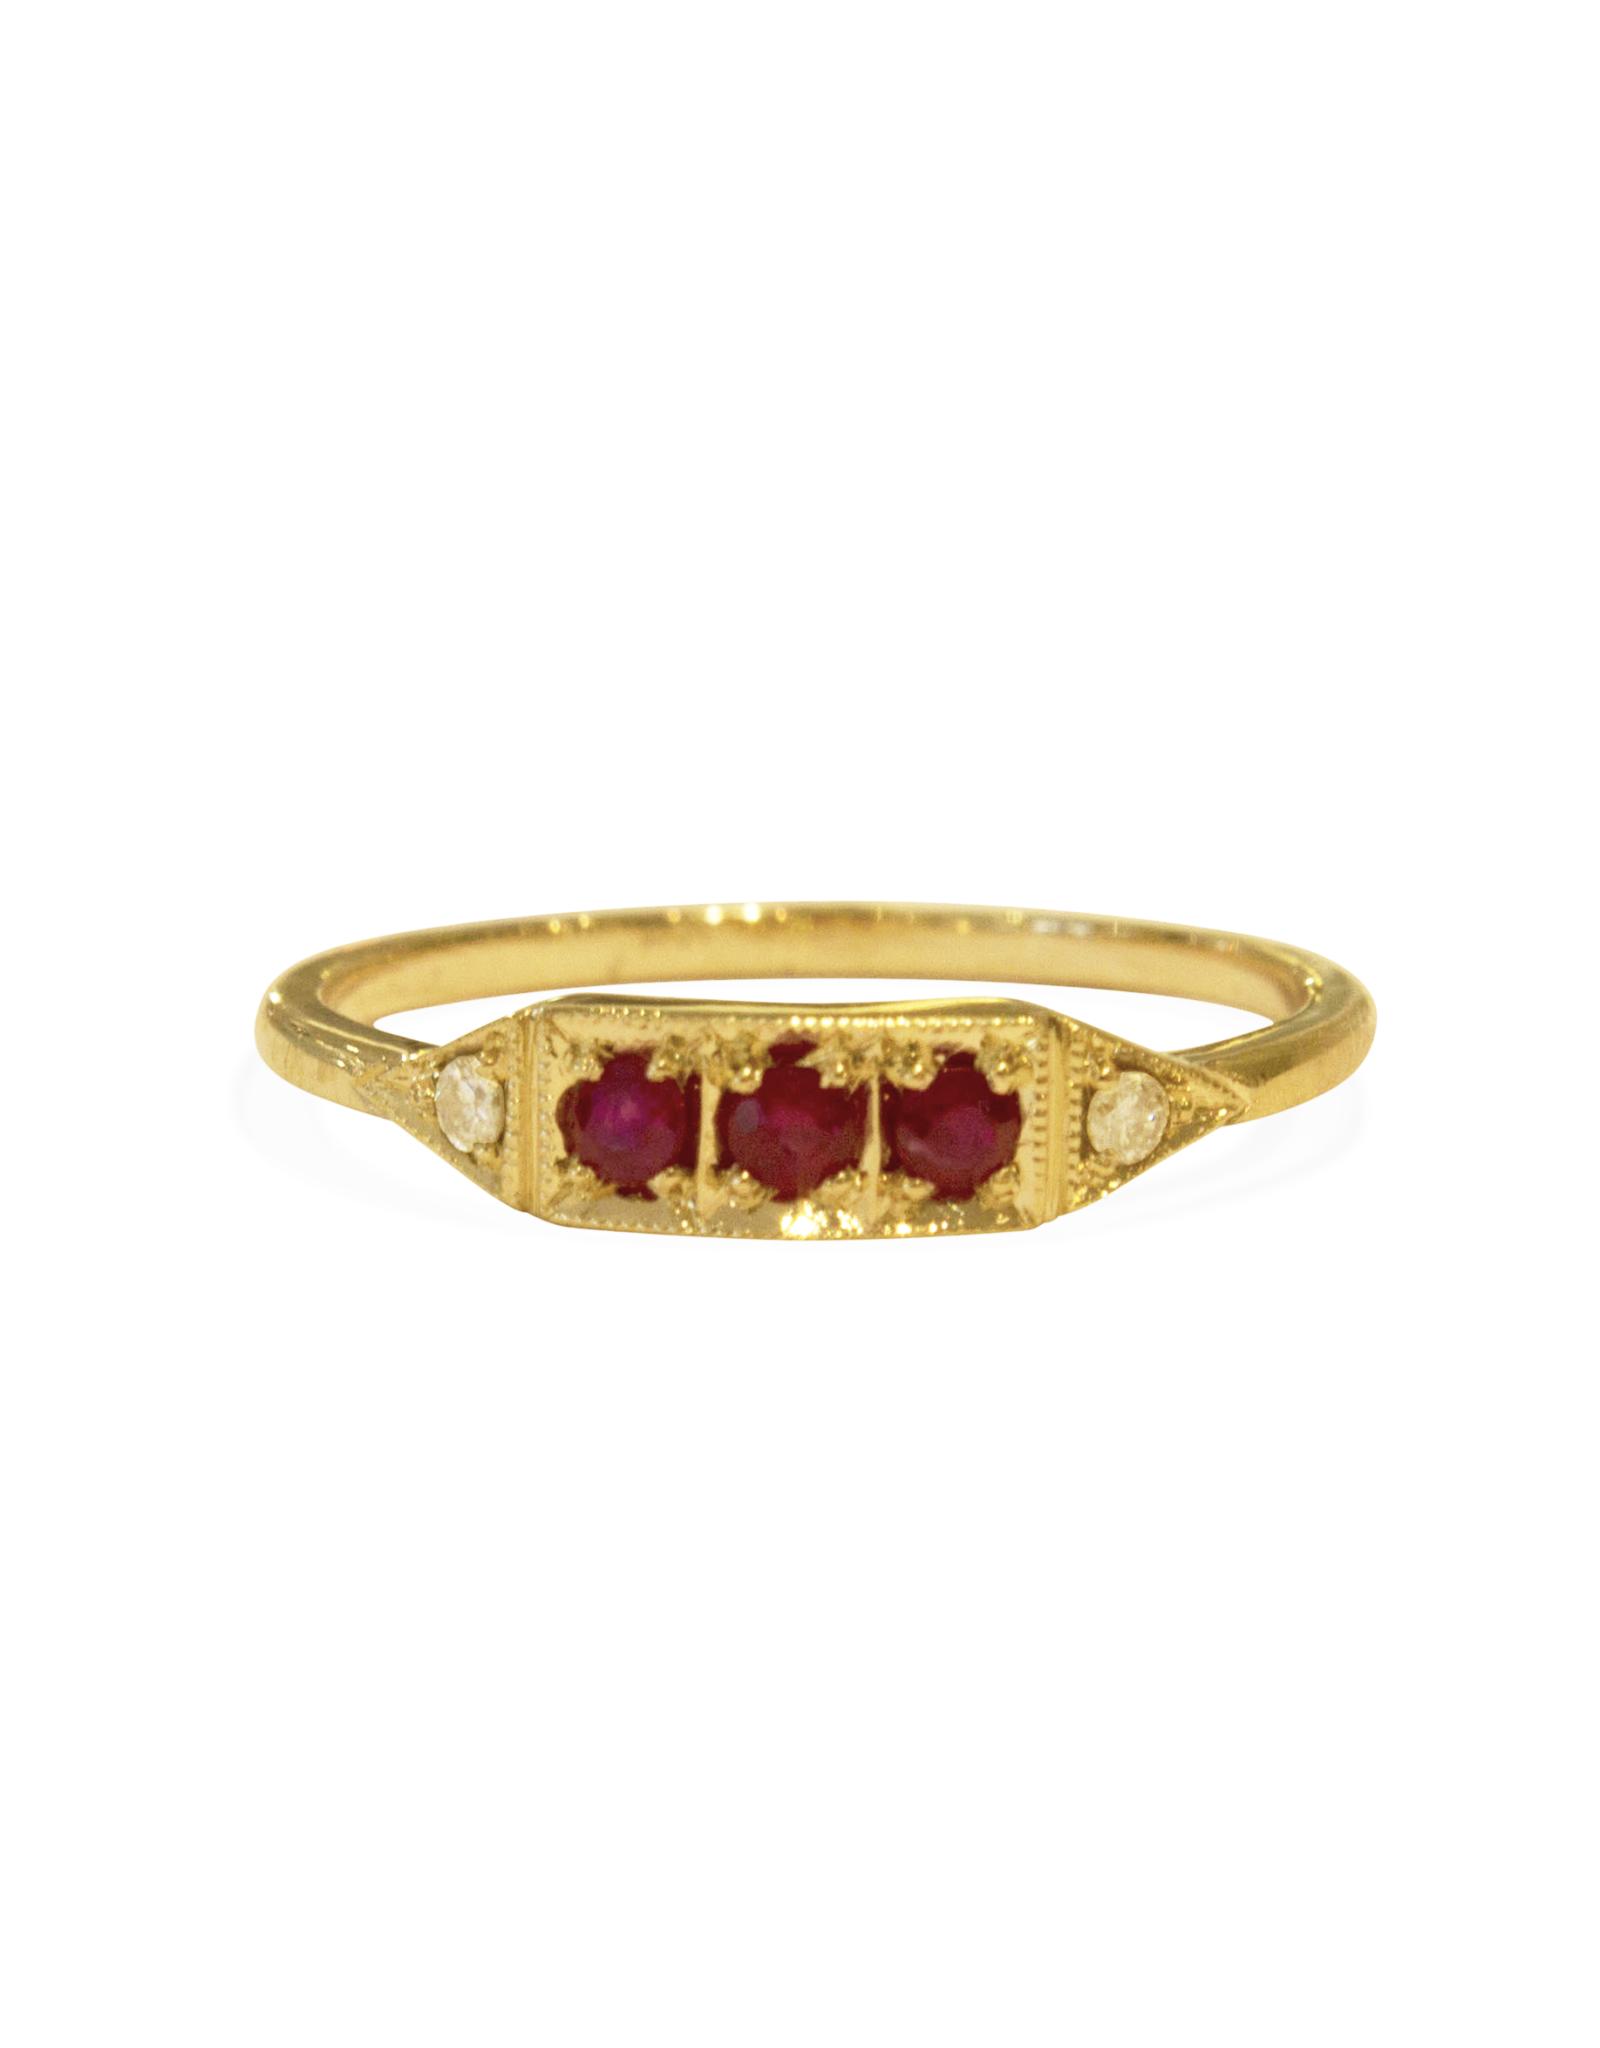 Mason Grace Jewelry Ms. Goodbar Ruby Ring